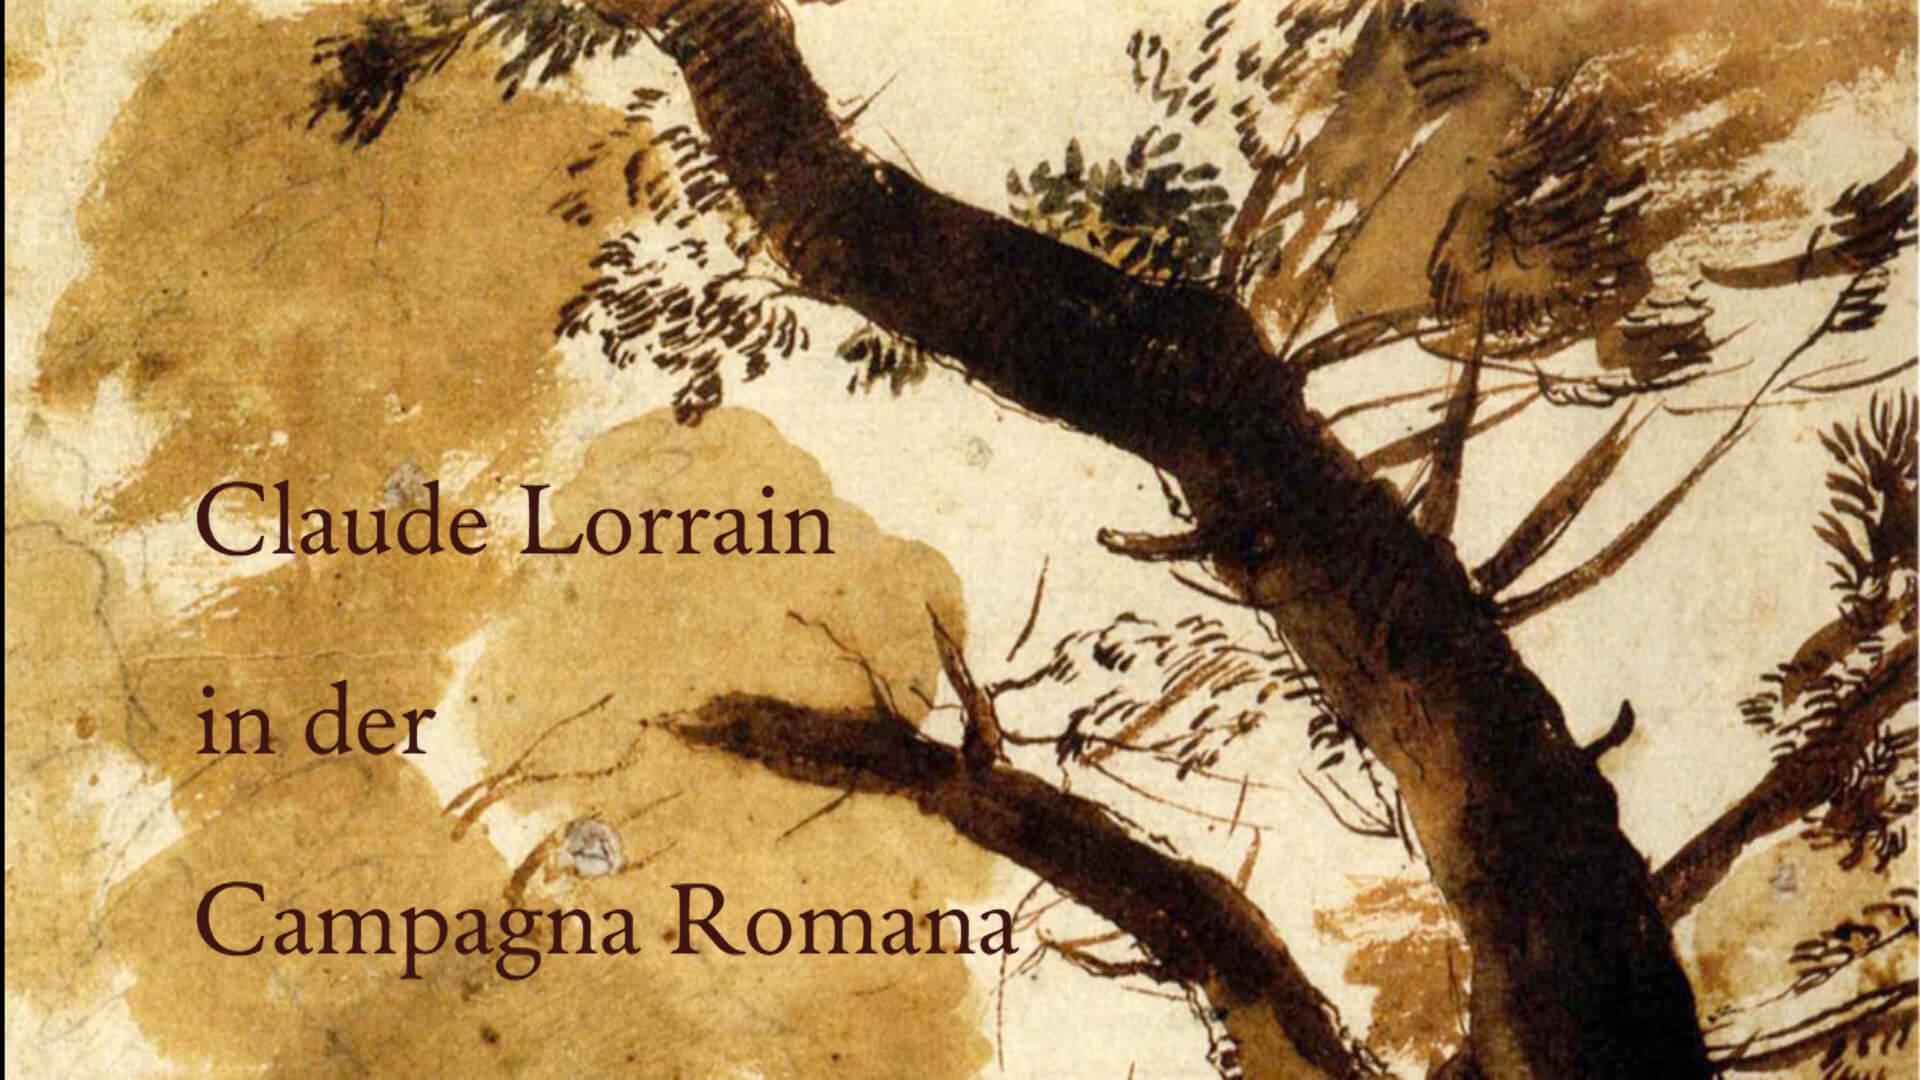 Claude Lorrain in der Campagna Romana